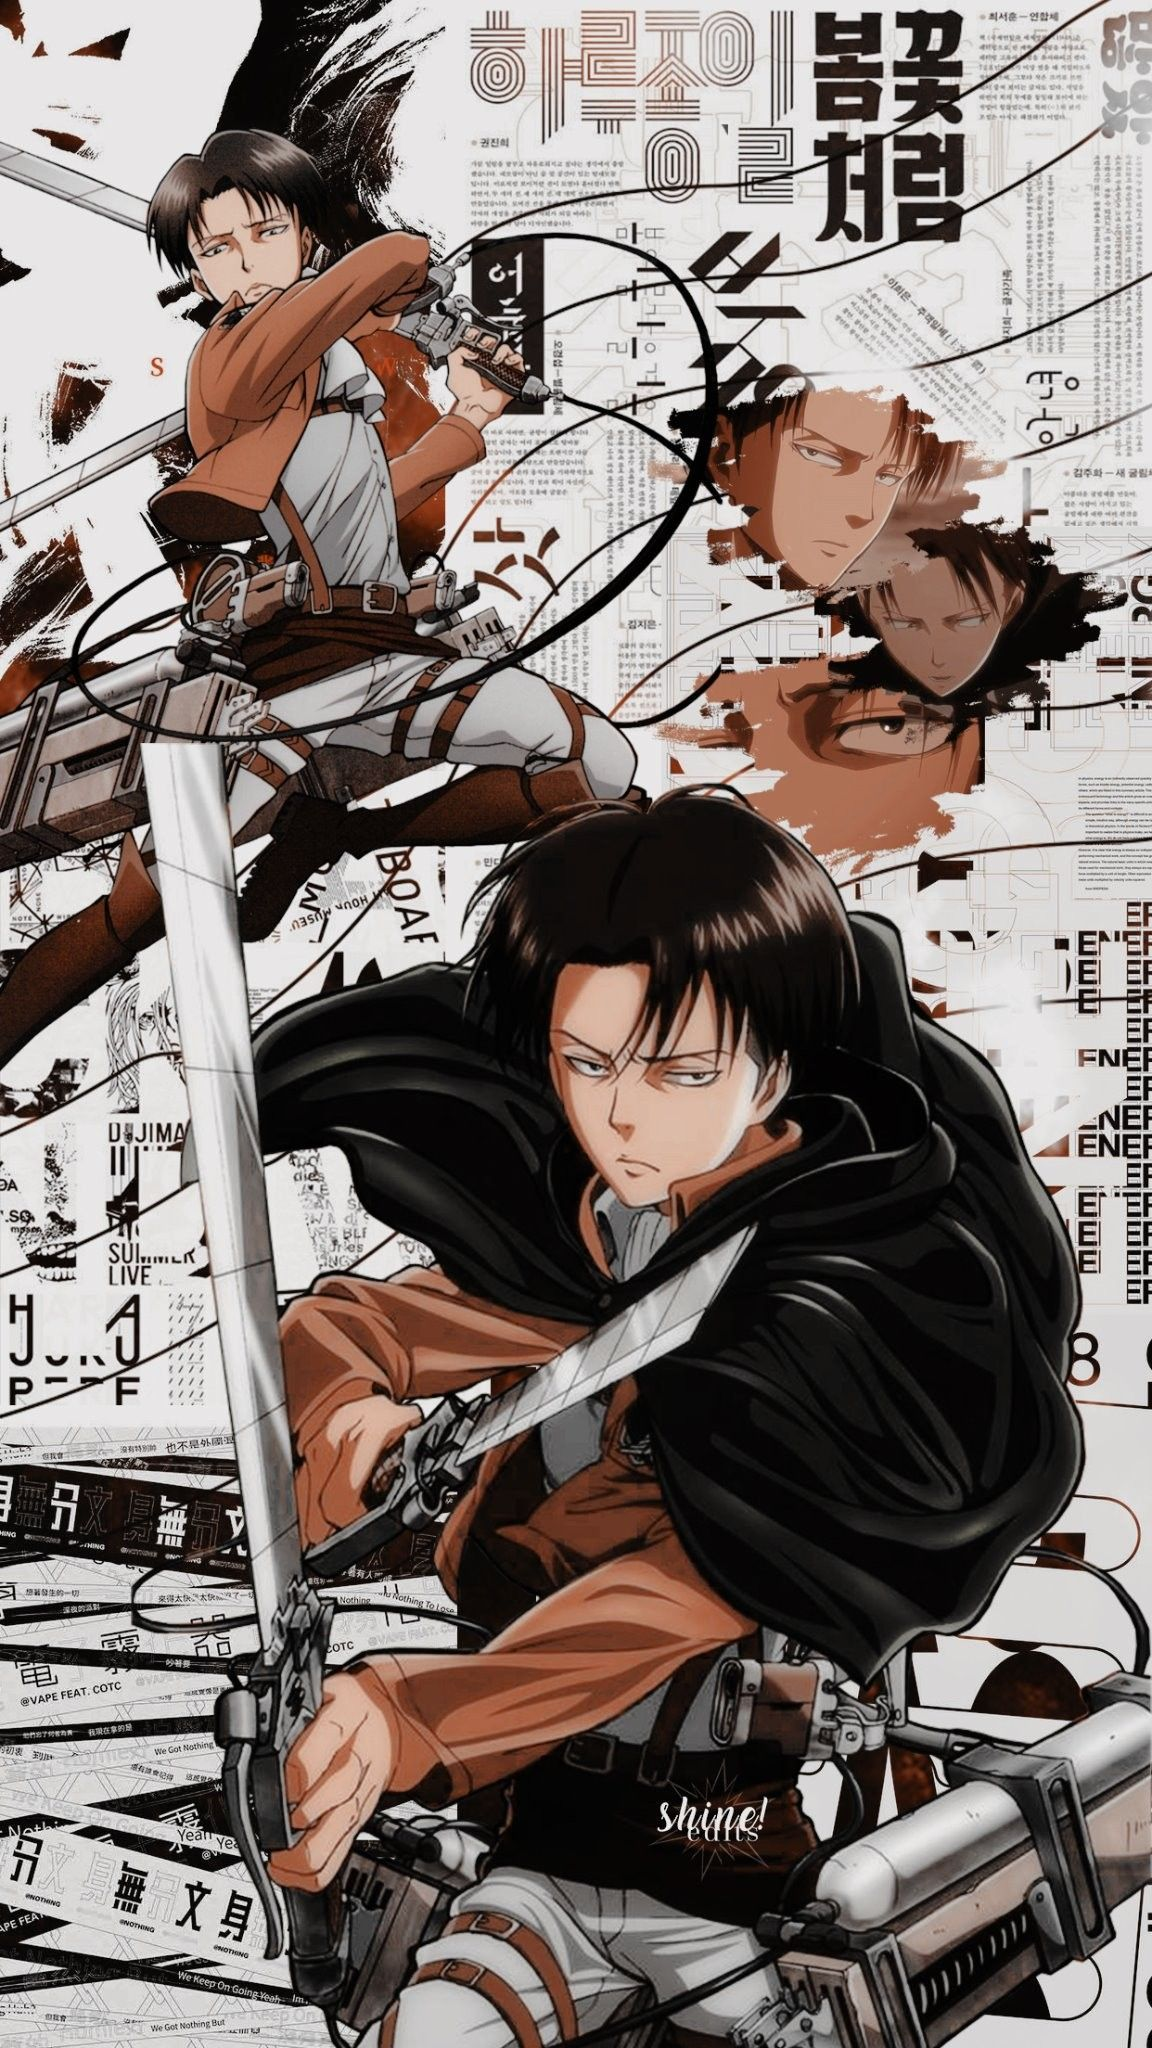 Evi Pour Cent Cksc Reen Attaque Sur Titan Dlts Cine Et Sur Itte R In 2020 Cool Anime Wallpapers Attack On Titan Anime Titans Anime